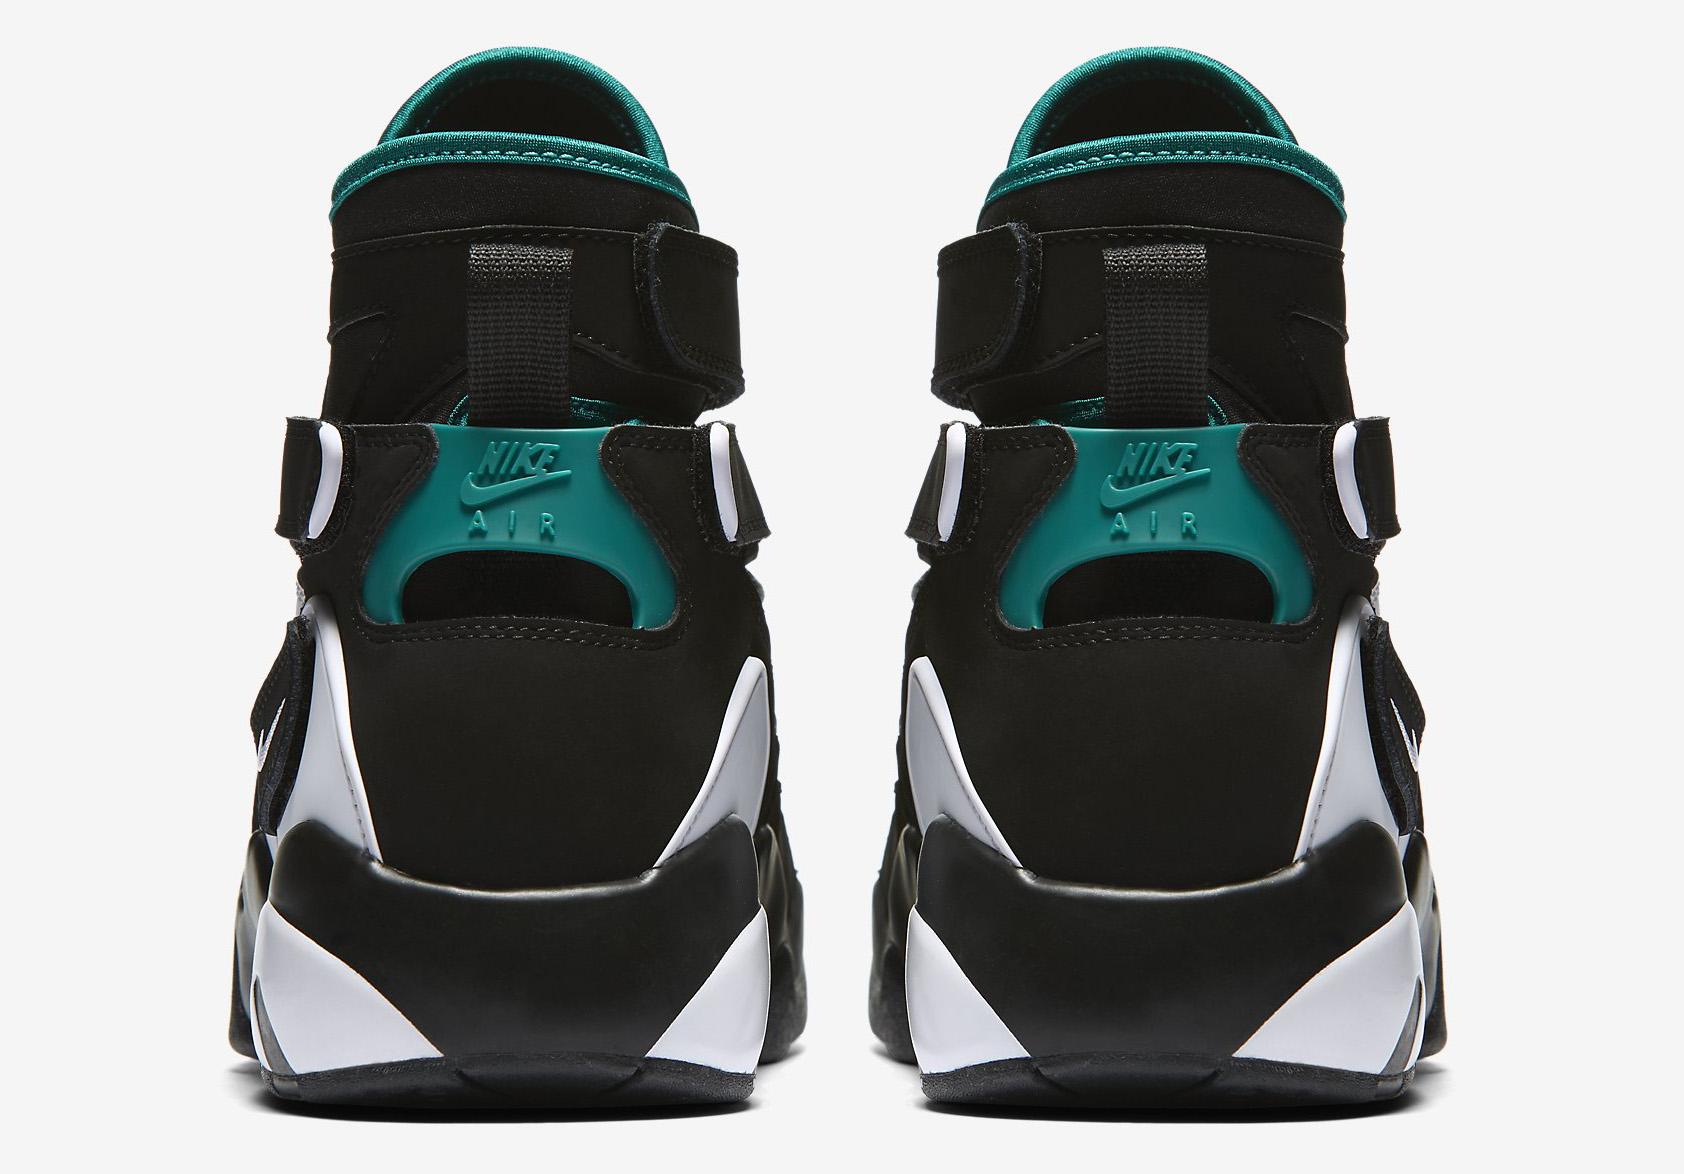 Nike Air Unlimited 889013-001 Heel